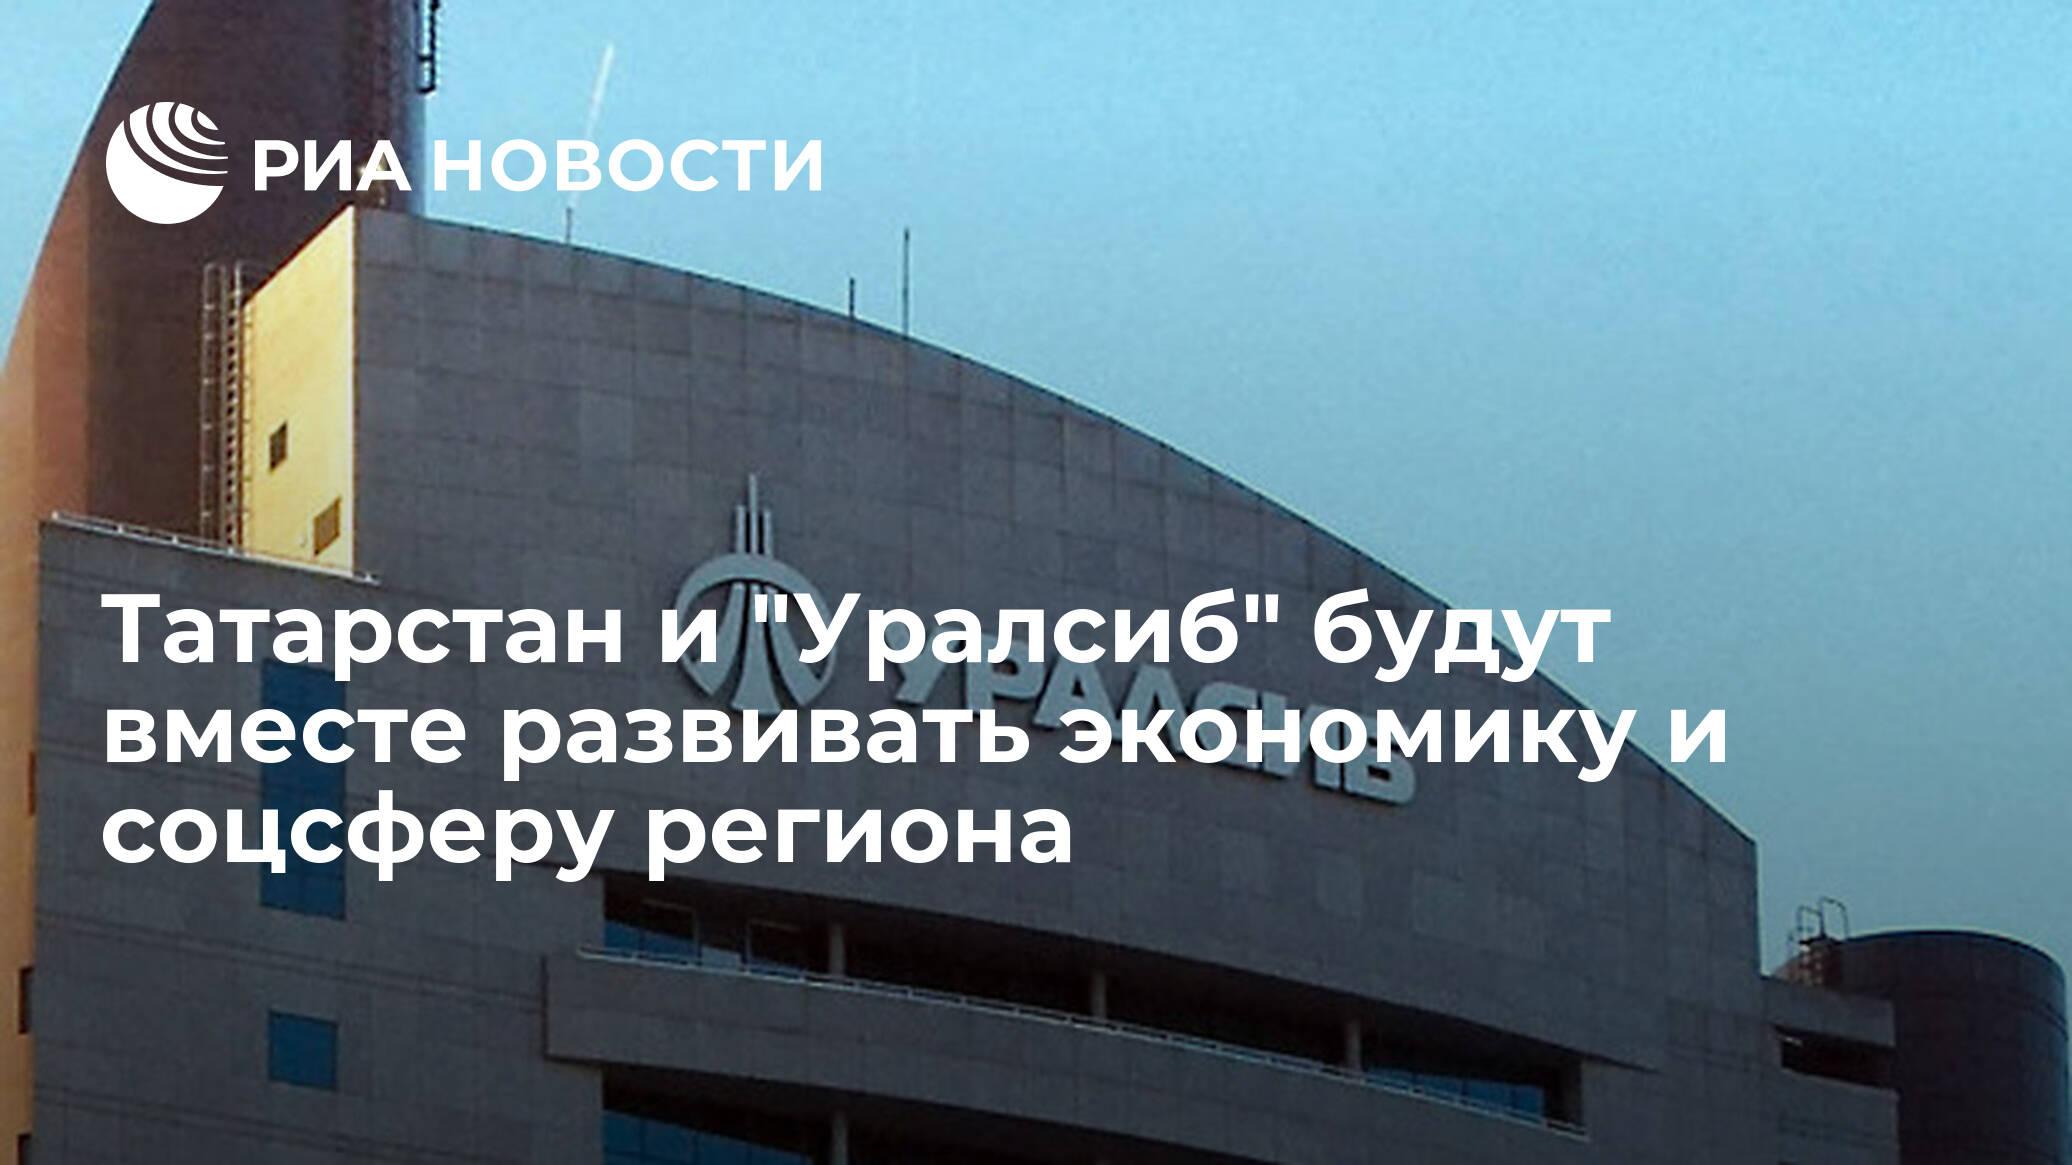 Онлайн-трейд интернет-магазин москва каталог товаров цены москва